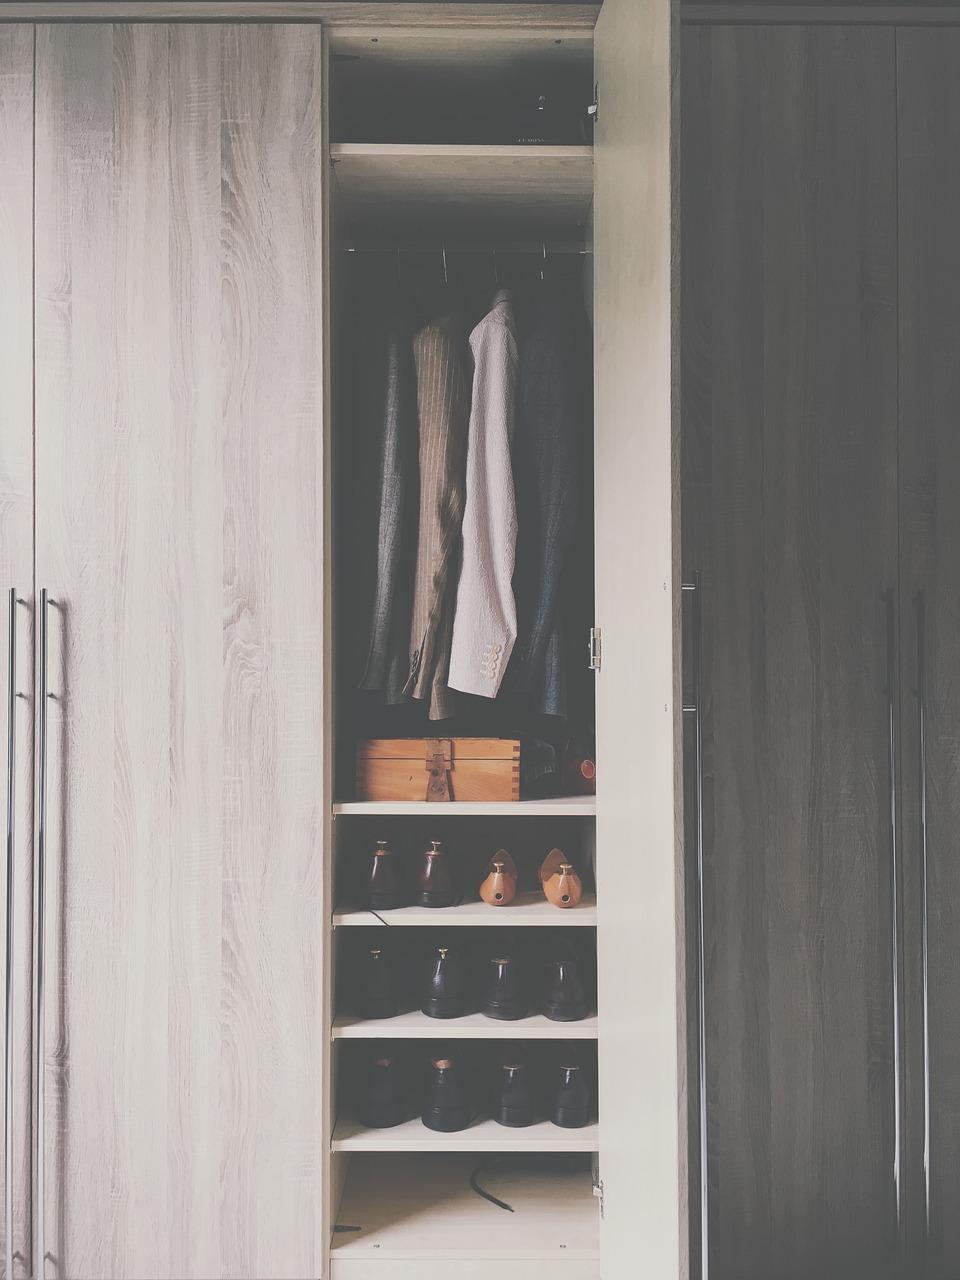 Rangement Vetement Pour Petite Chambre comment optimiser les rangements dans une petite chambre